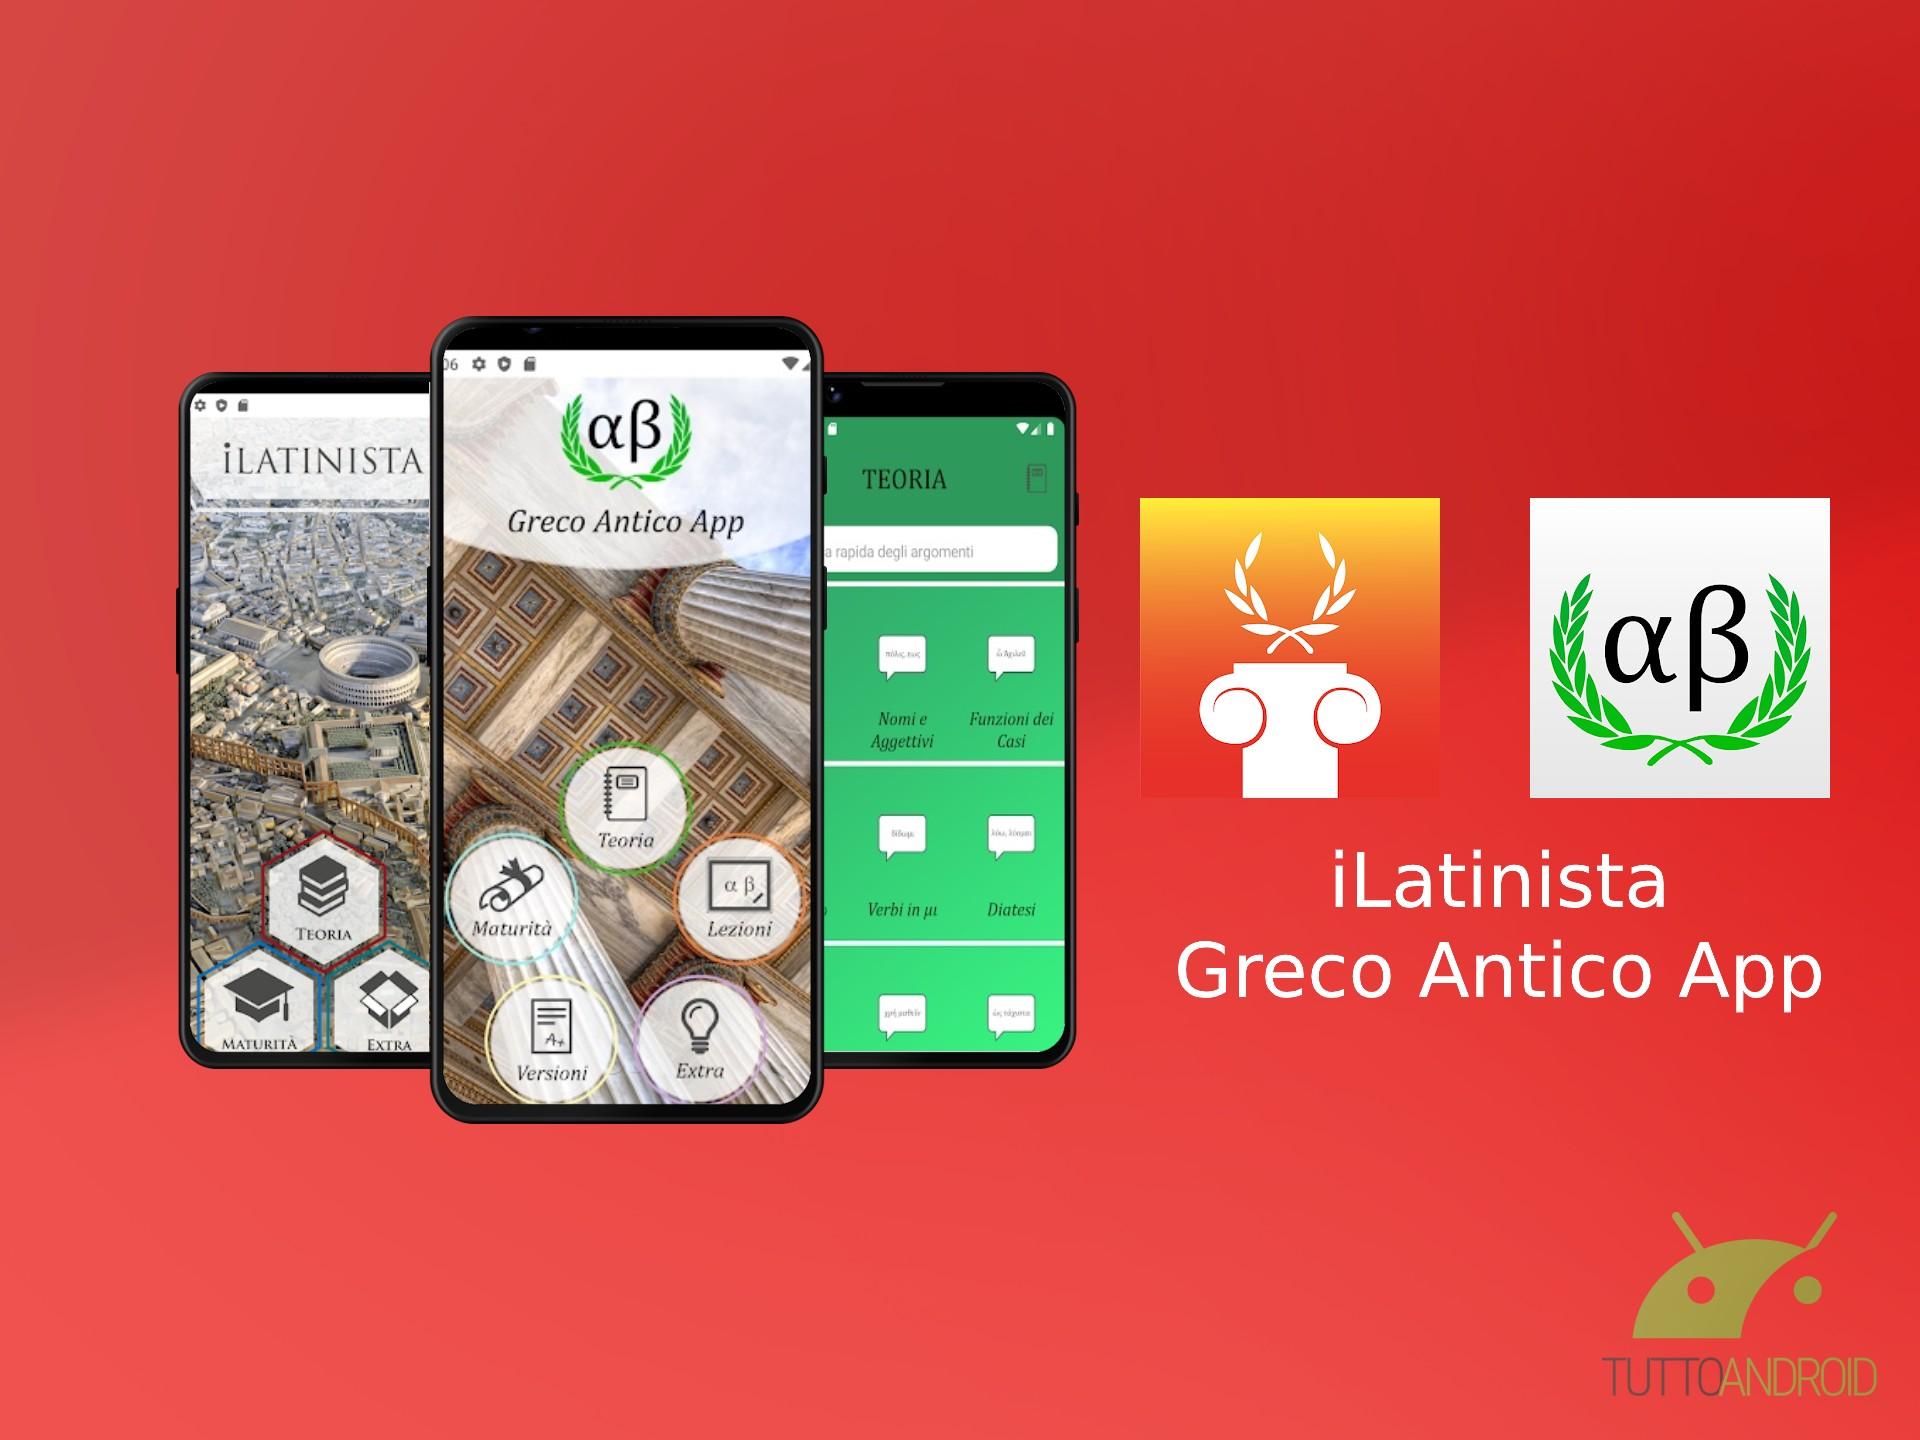 Le app iLatinista e Greco Antico App sbarcano finalmente su Android